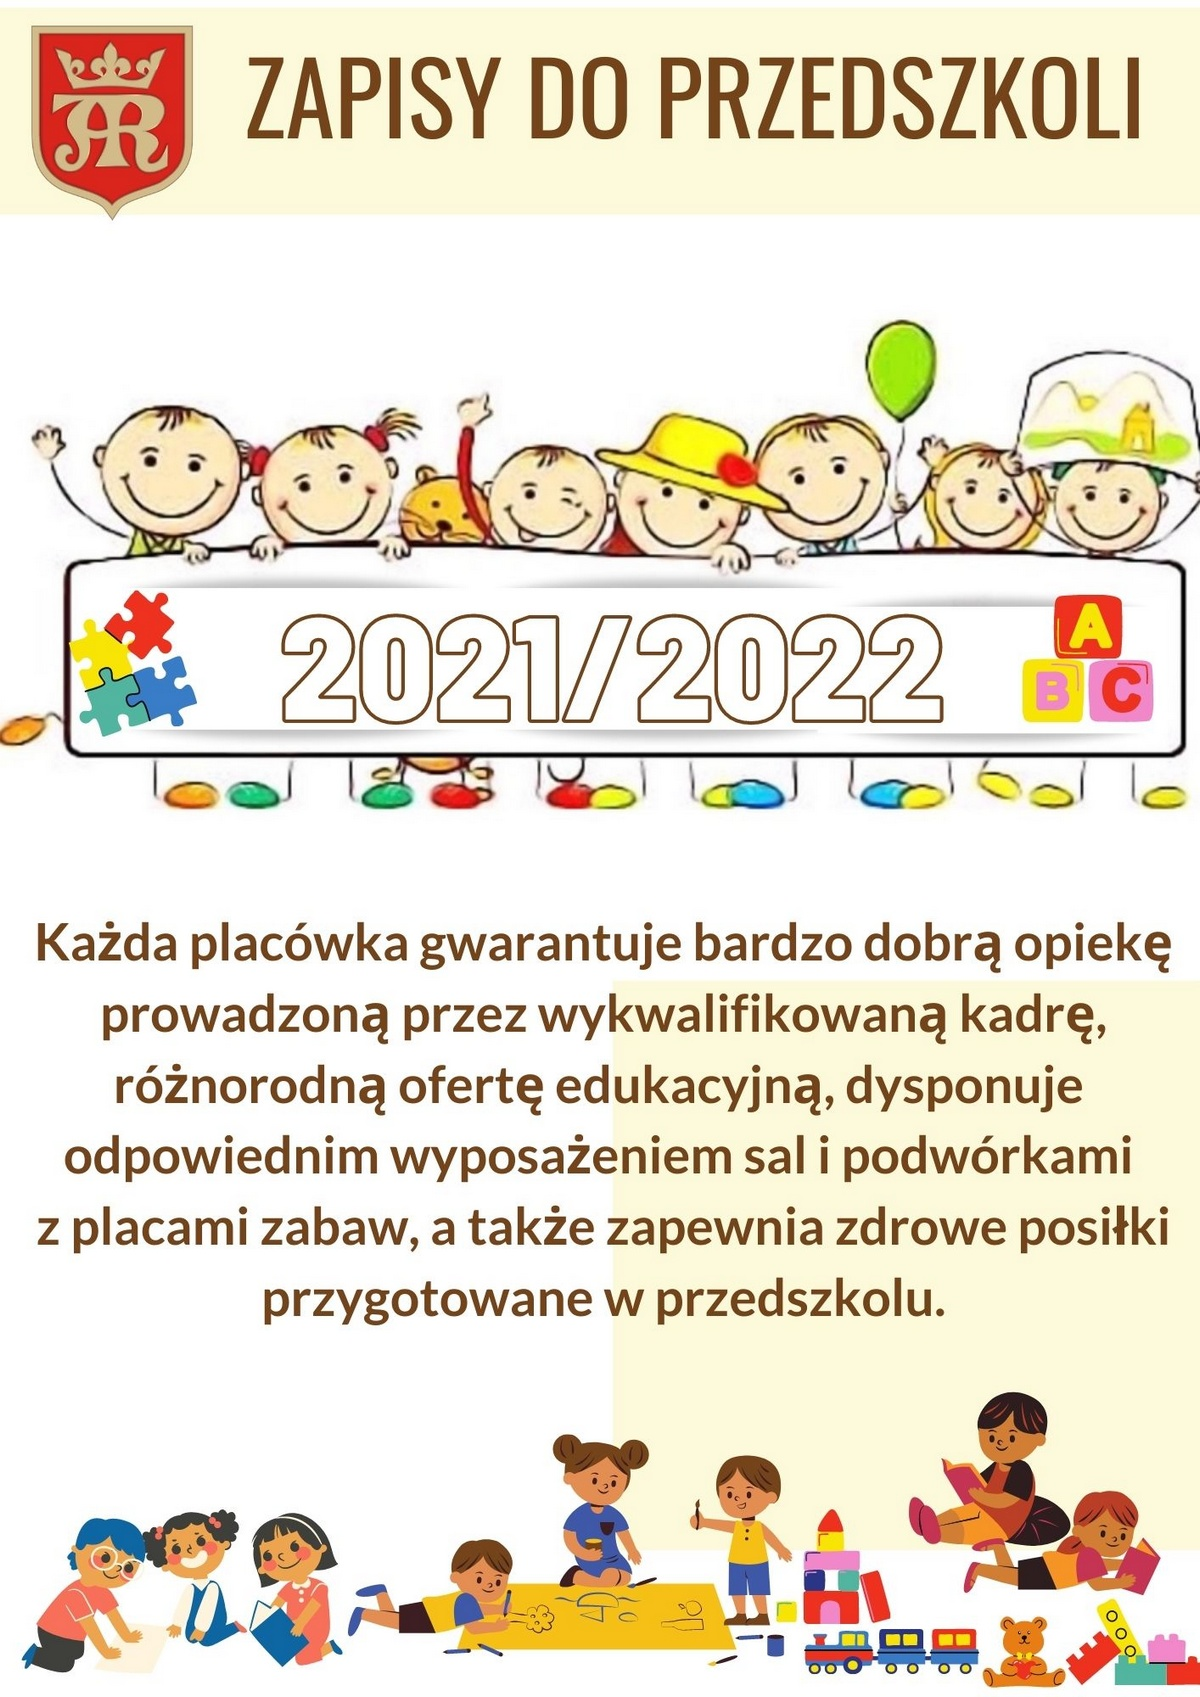 20210220__zapisy